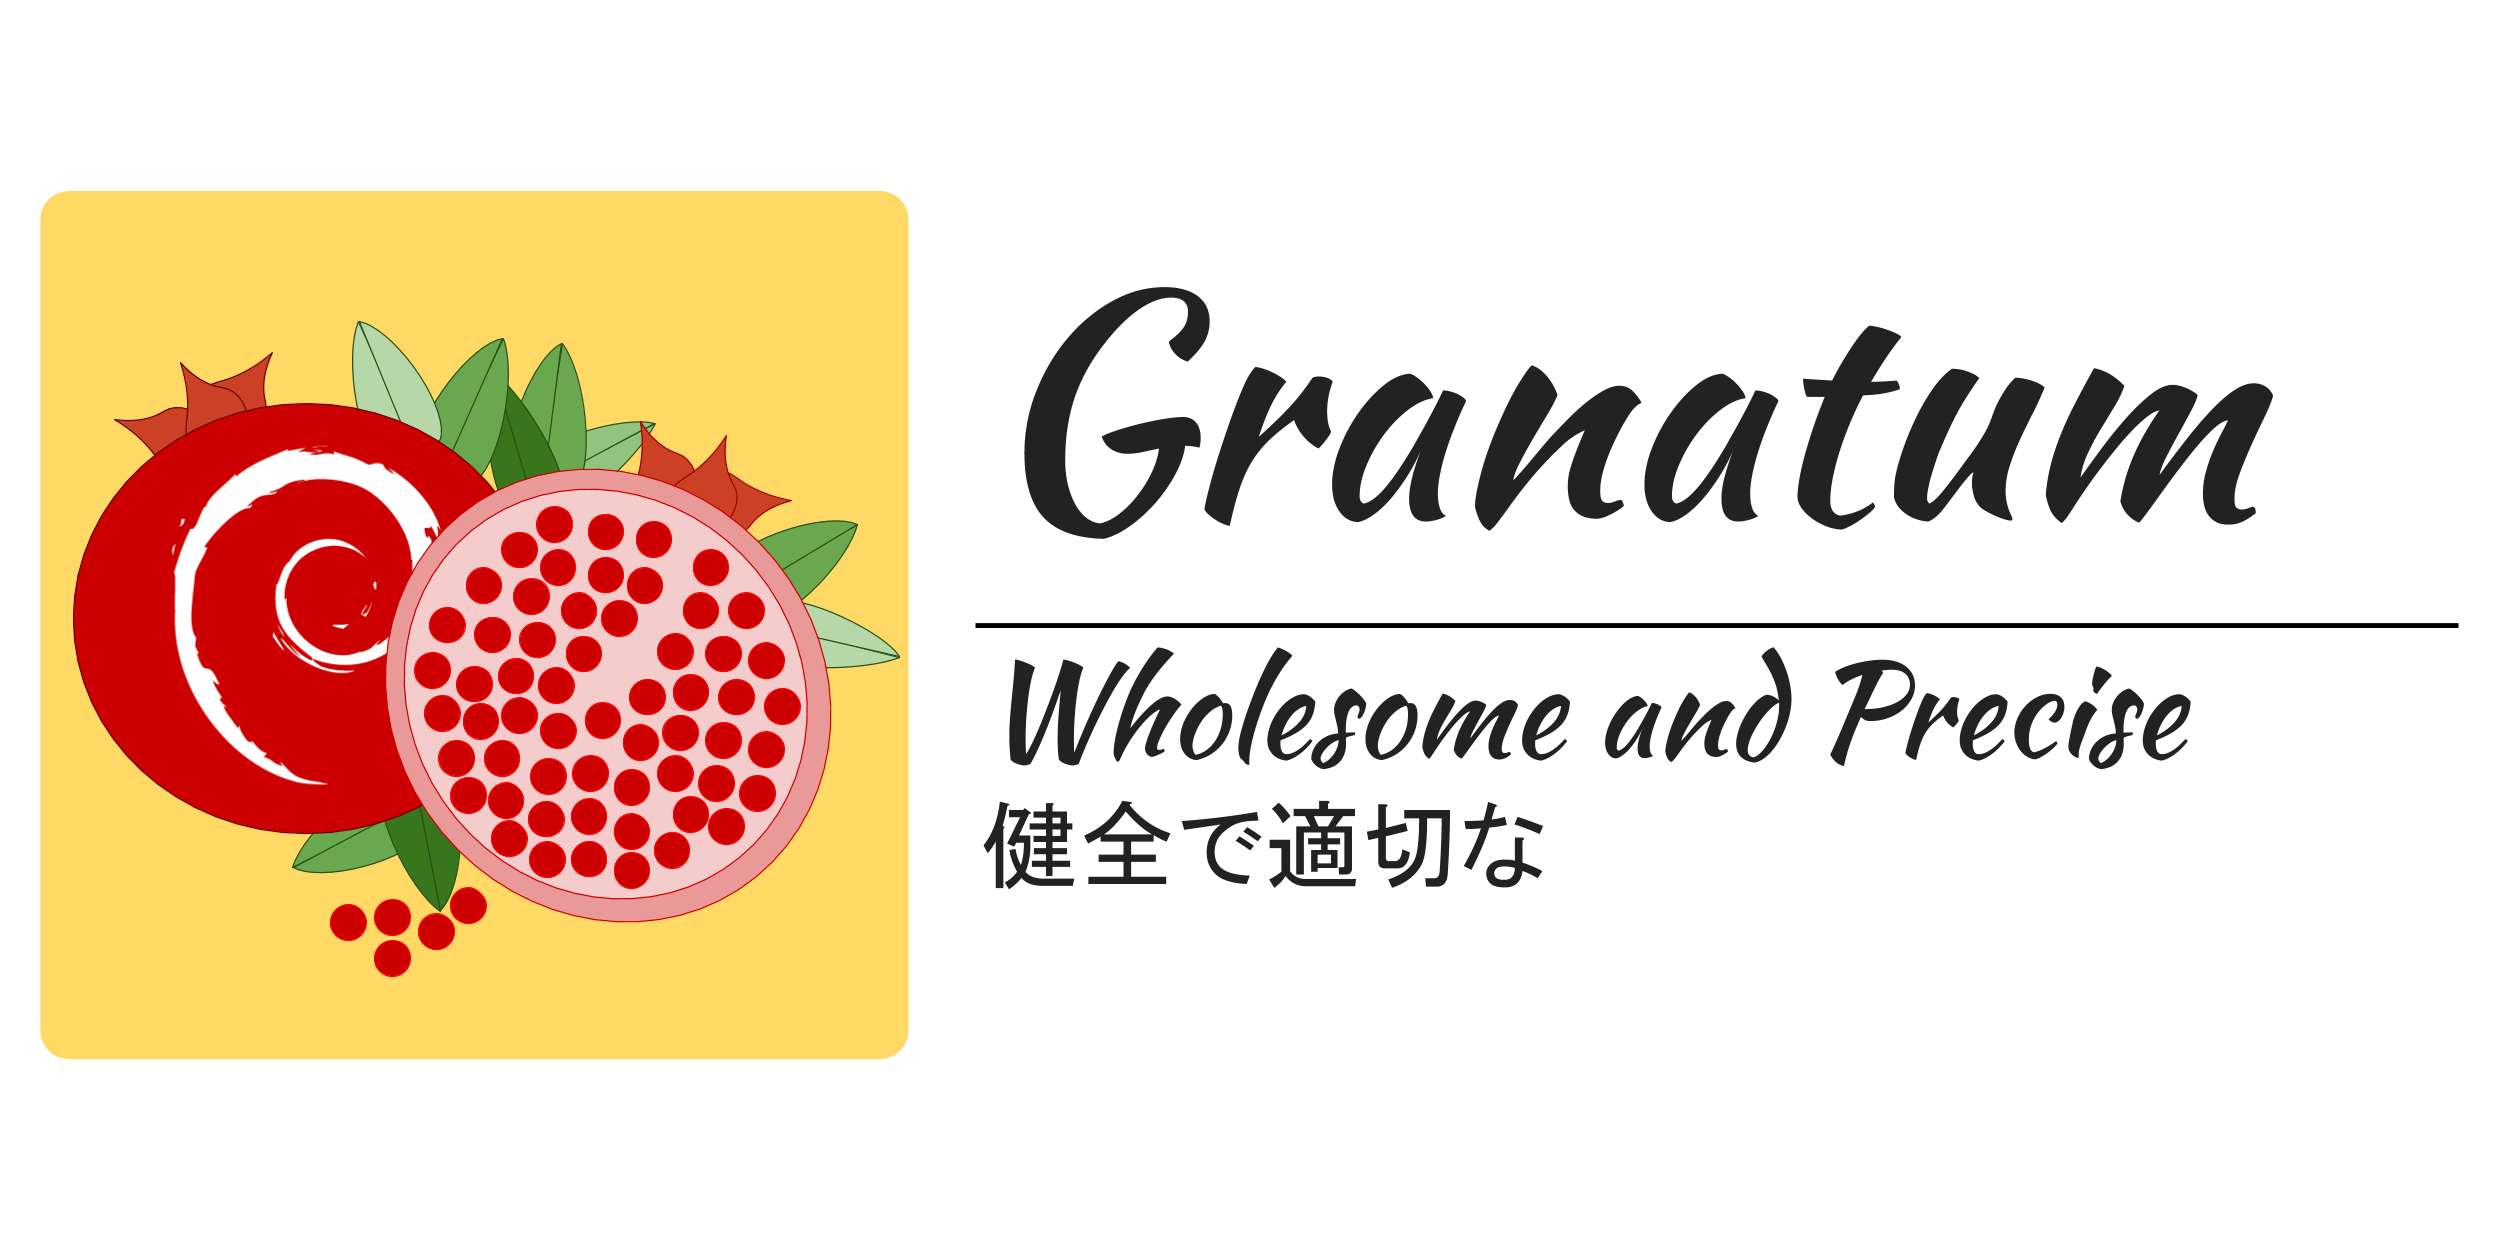 Granatum Project